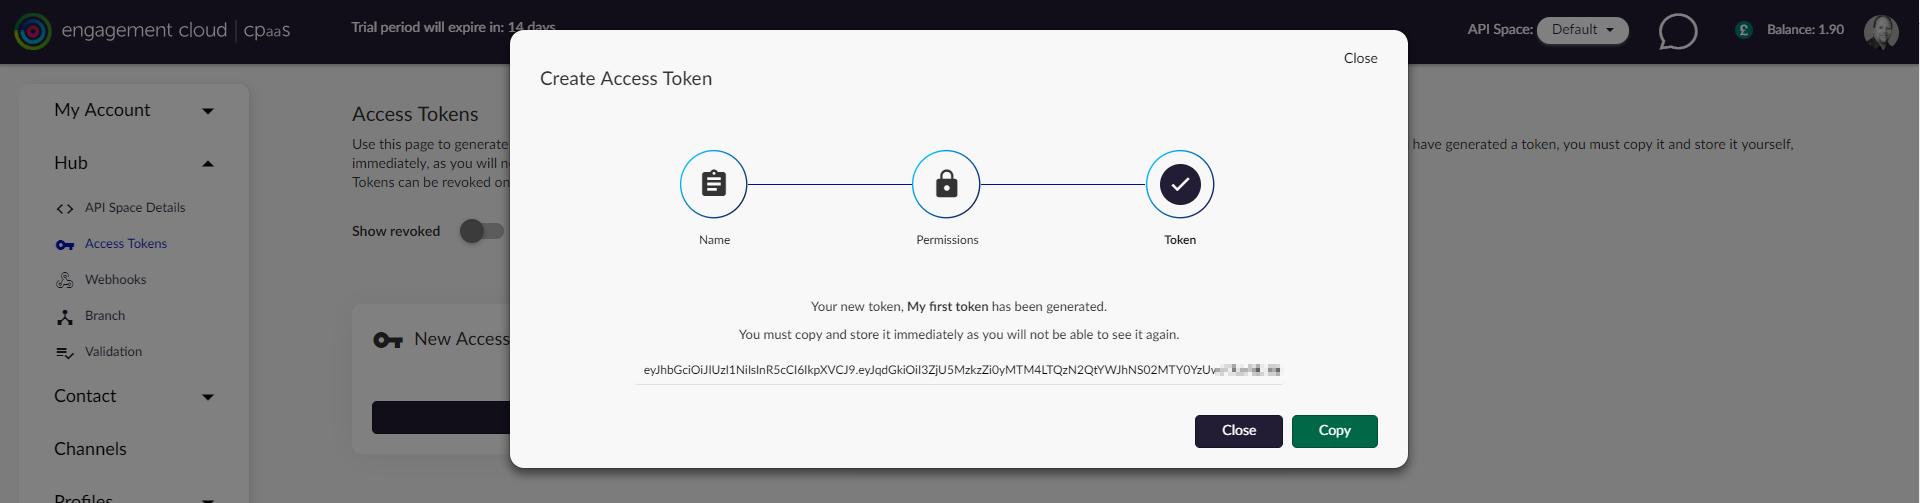 Ensure you copy your access token